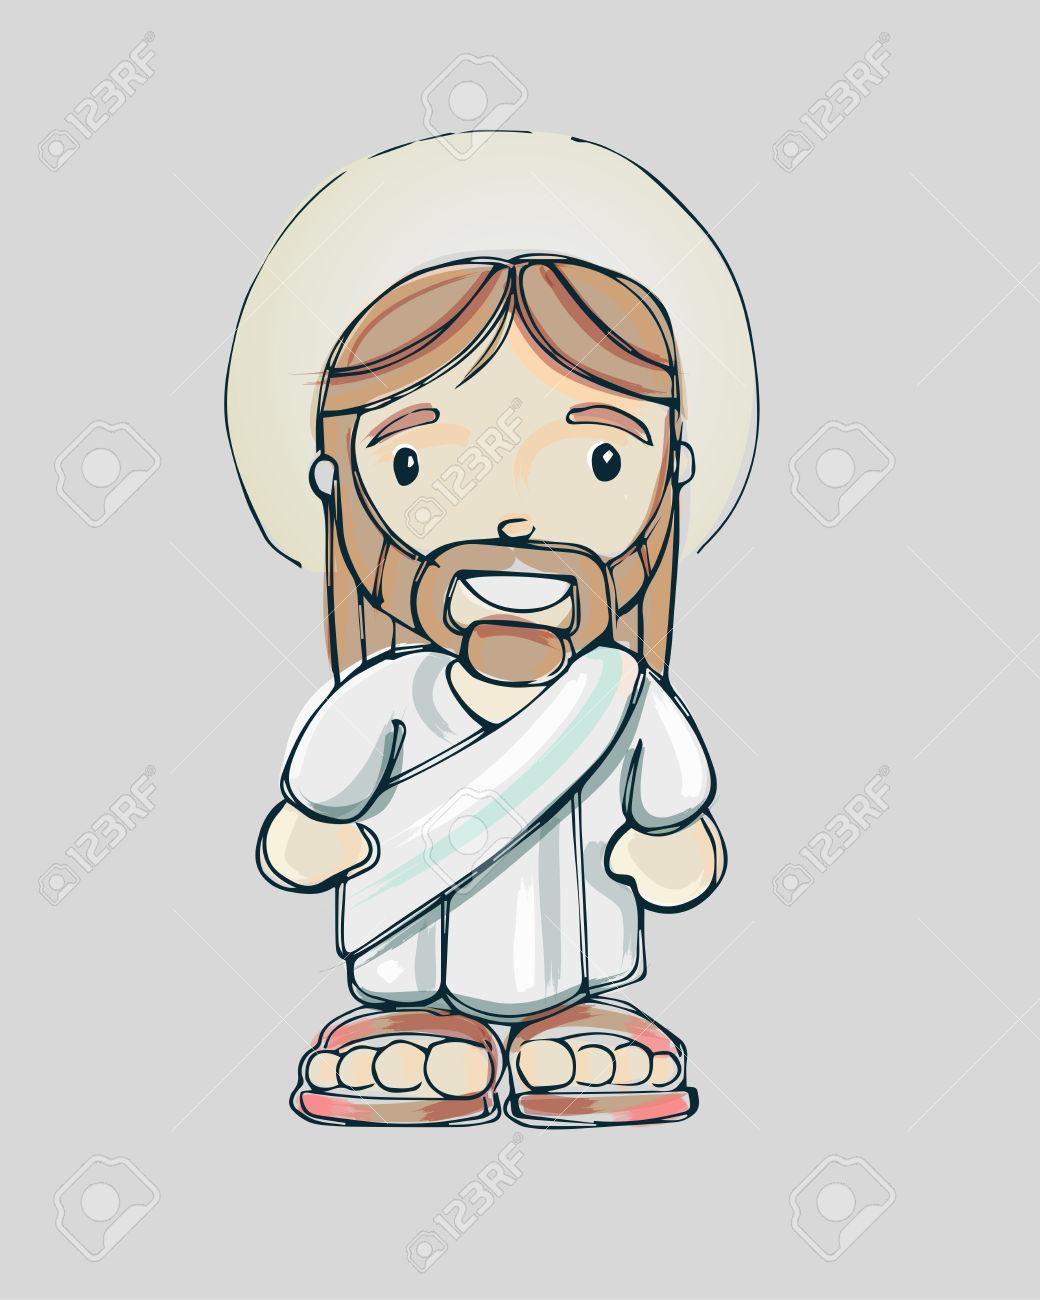 1040x1300 Cartoon Drawing Of Jesus